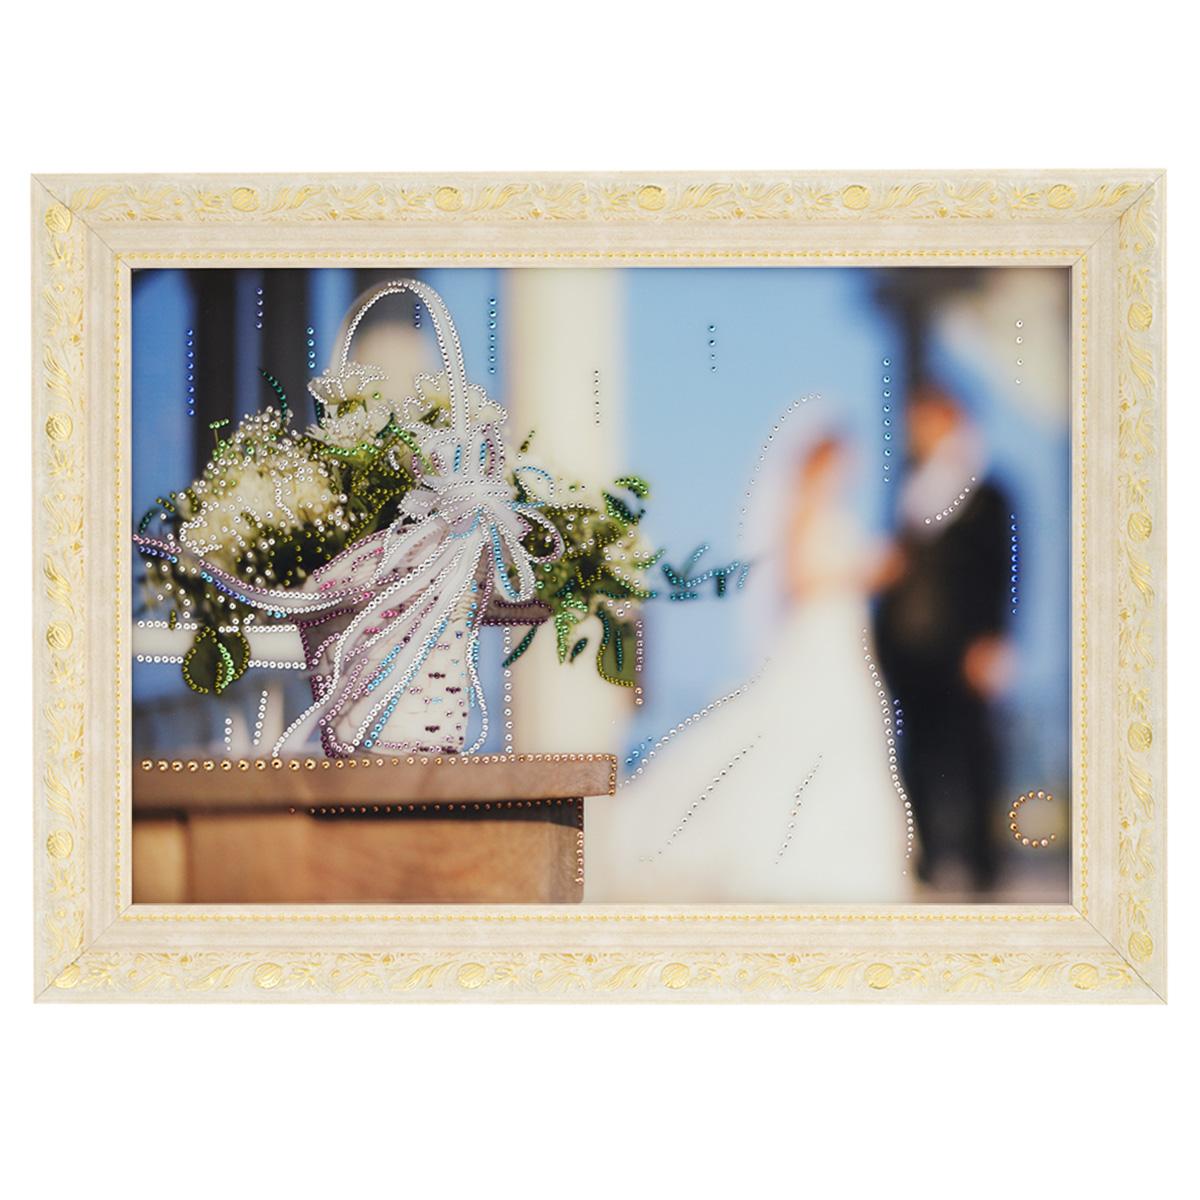 Картина с кристаллами Swarovski Свадебные цветы, 70 см х 50 см1147Изящная картина в багетной раме, инкрустирована кристаллами Swarovski, которые отличаются четкой и ровной огранкой, ярким блеском и чистотой цвета. Красочное изображение свадебных цветов, расположенное под стеклом, прекрасно дополняет блеск кристаллов. С обратной стороны имеется металлическая проволока для размещения картины на стене. Картина с кристаллами Swarovski Свадебные цветы элегантно украсит интерьер дома или офиса, а также станет прекрасным подарком, который обязательно понравится получателю. Блеск кристаллов в интерьере, что может быть сказочнее и удивительнее. Картина упакована в подарочную картонную коробку синего цвета и комплектуется сертификатом соответствия Swarovski.